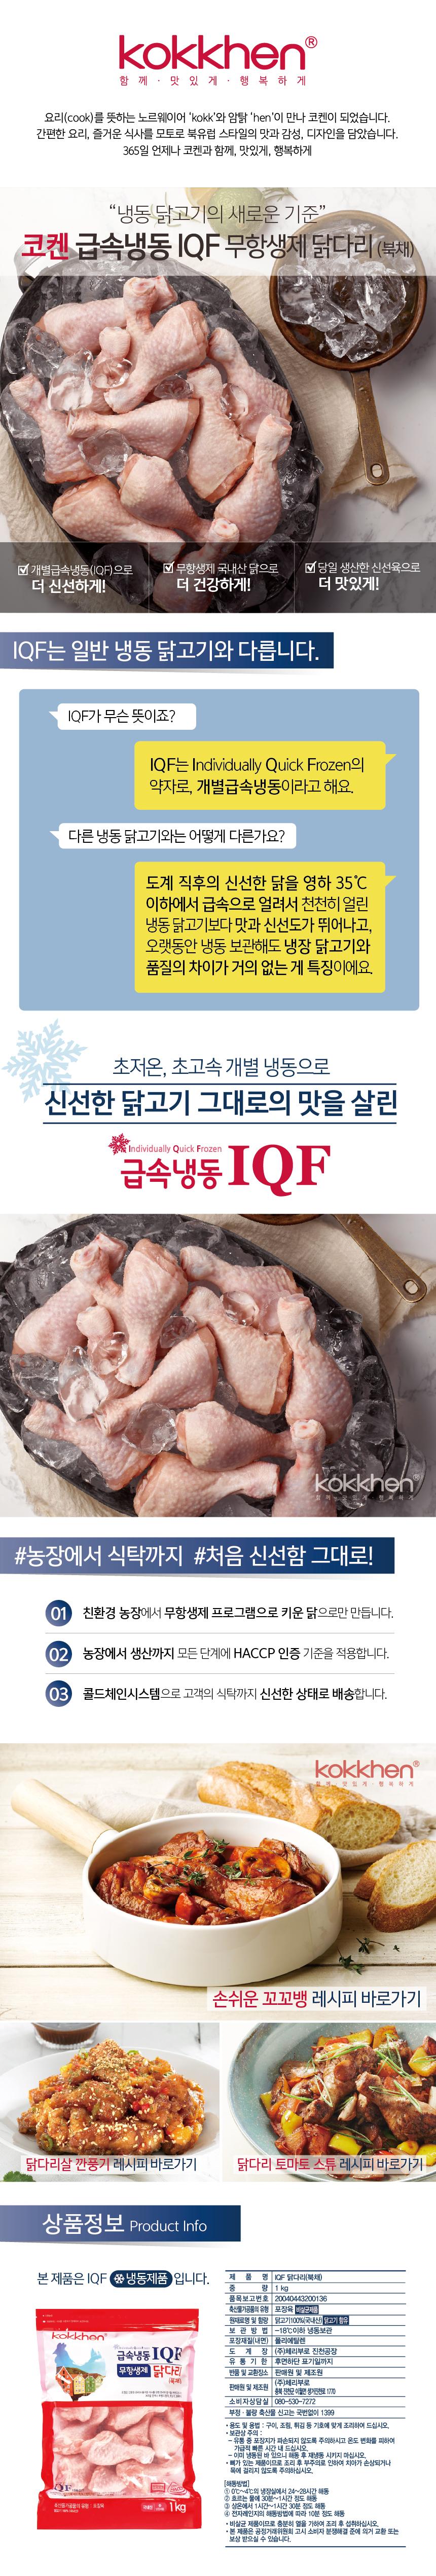 코켄_IQF_닭다리